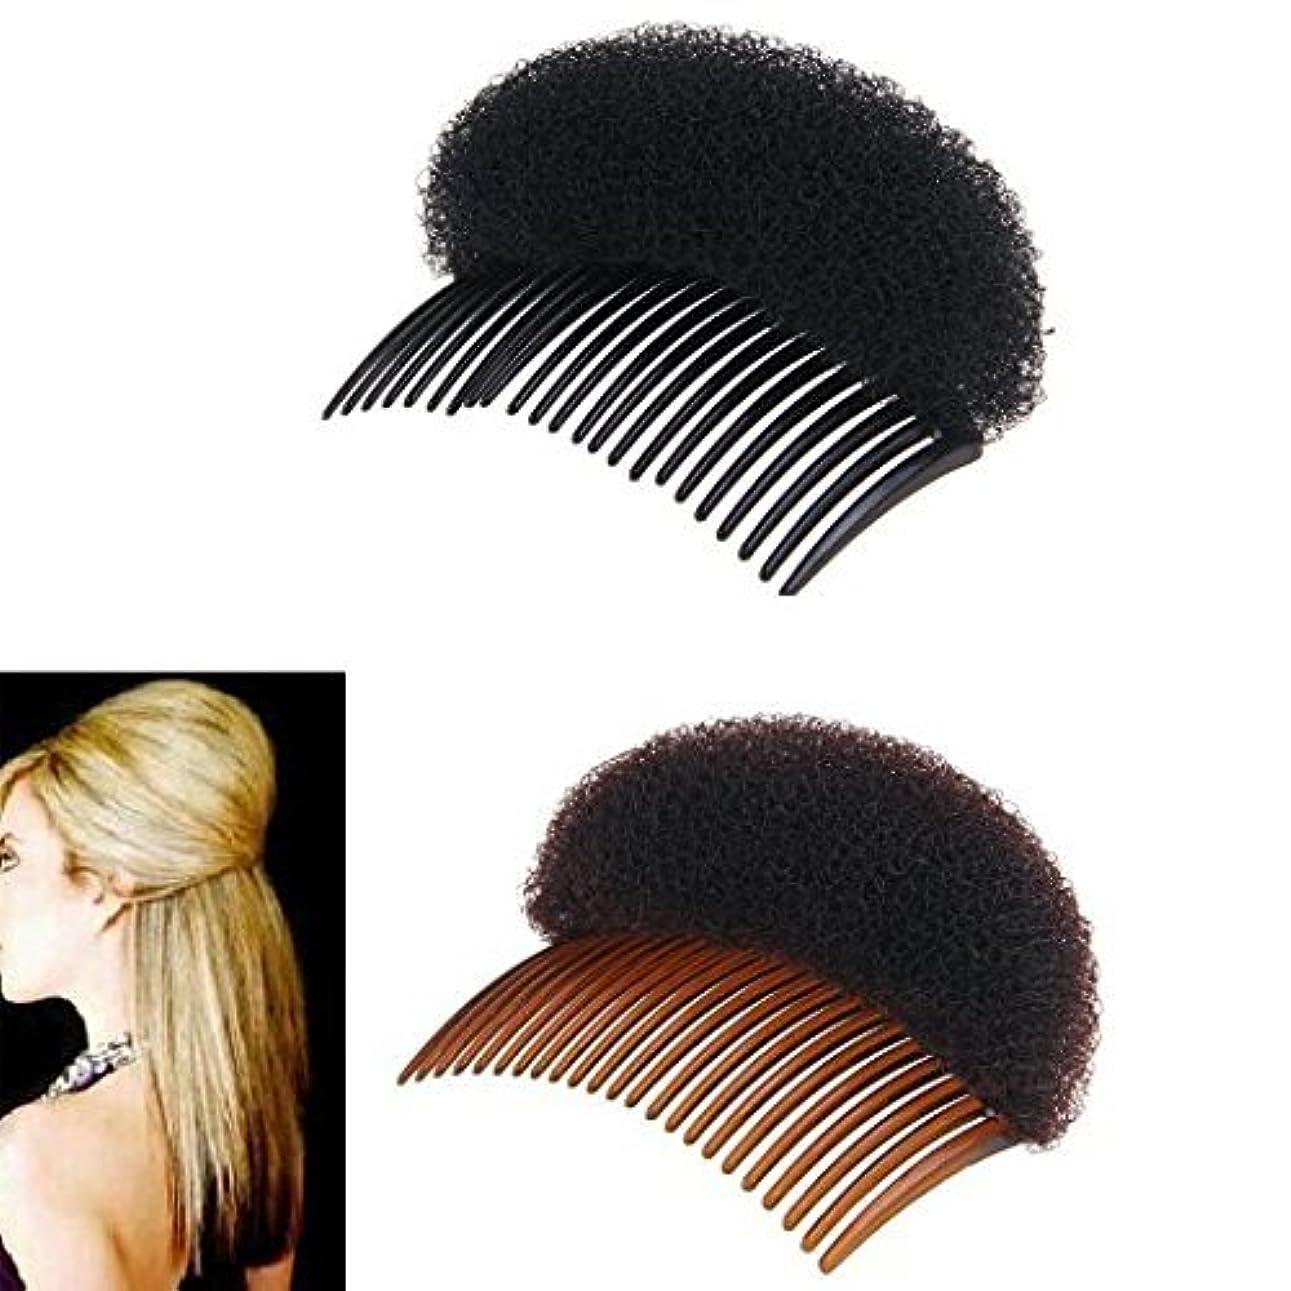 レジ調整であること2Pices(1Black+1Brown) Women Bump It Up Volume Hair Base Styling Clip Stick Bum Maker Braid Insert Tool Do Beehive...